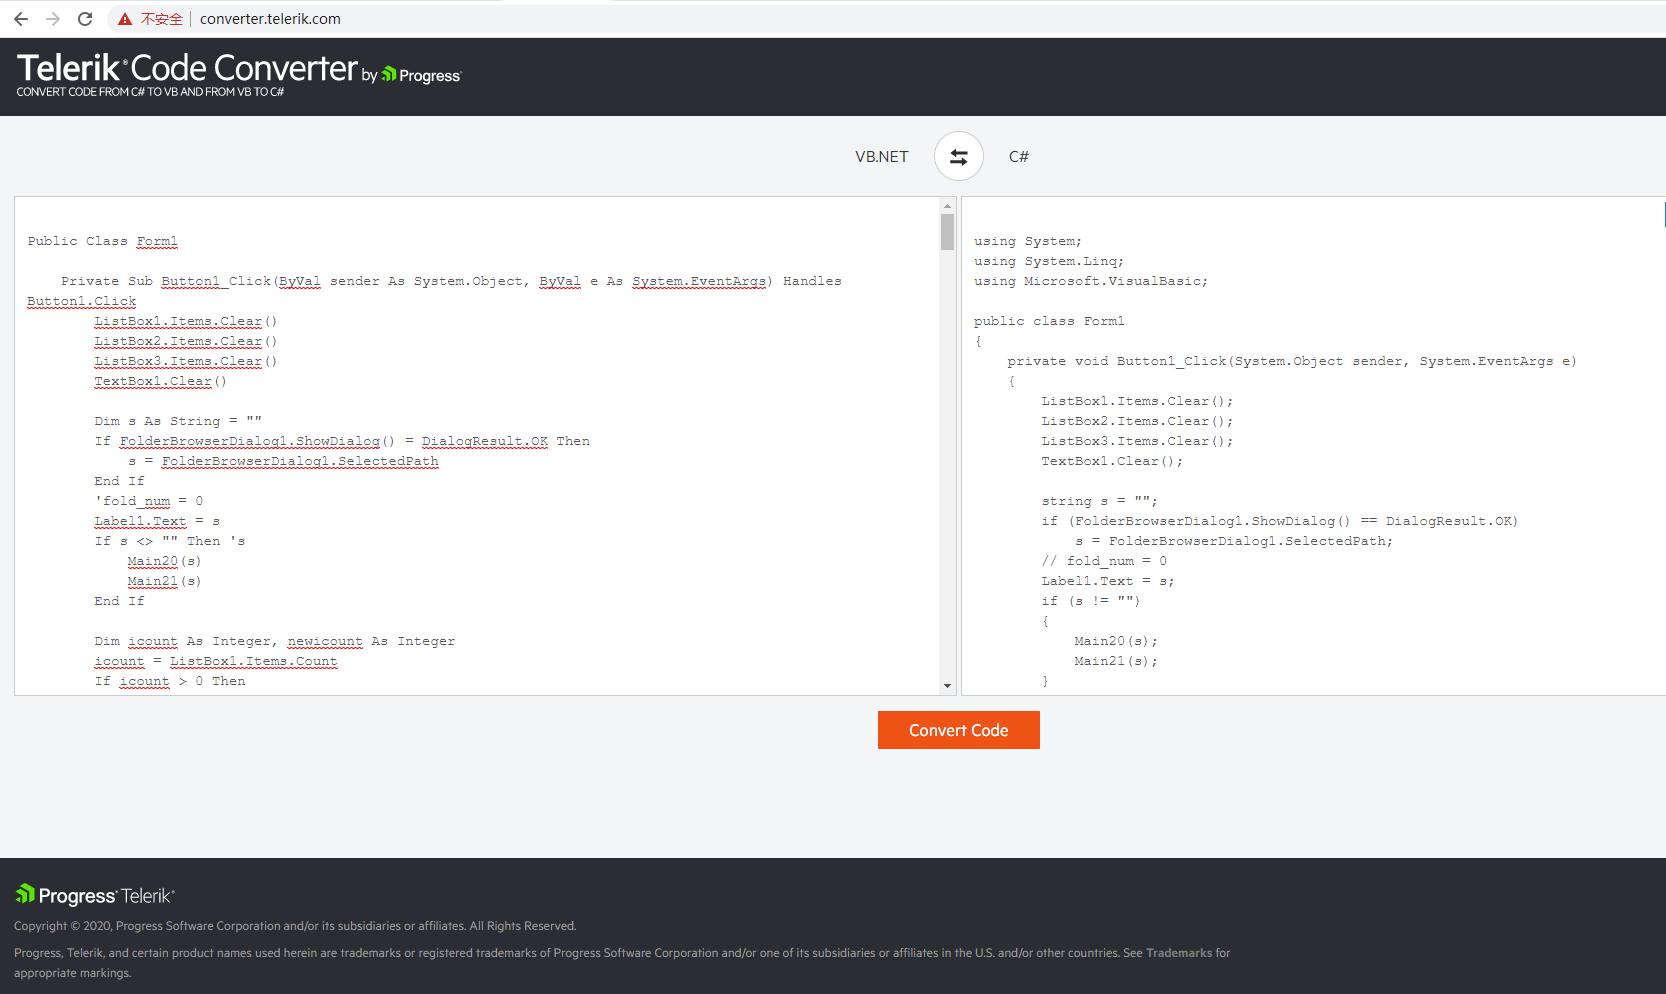 VB.NET代码和C#代码之间转换的方法